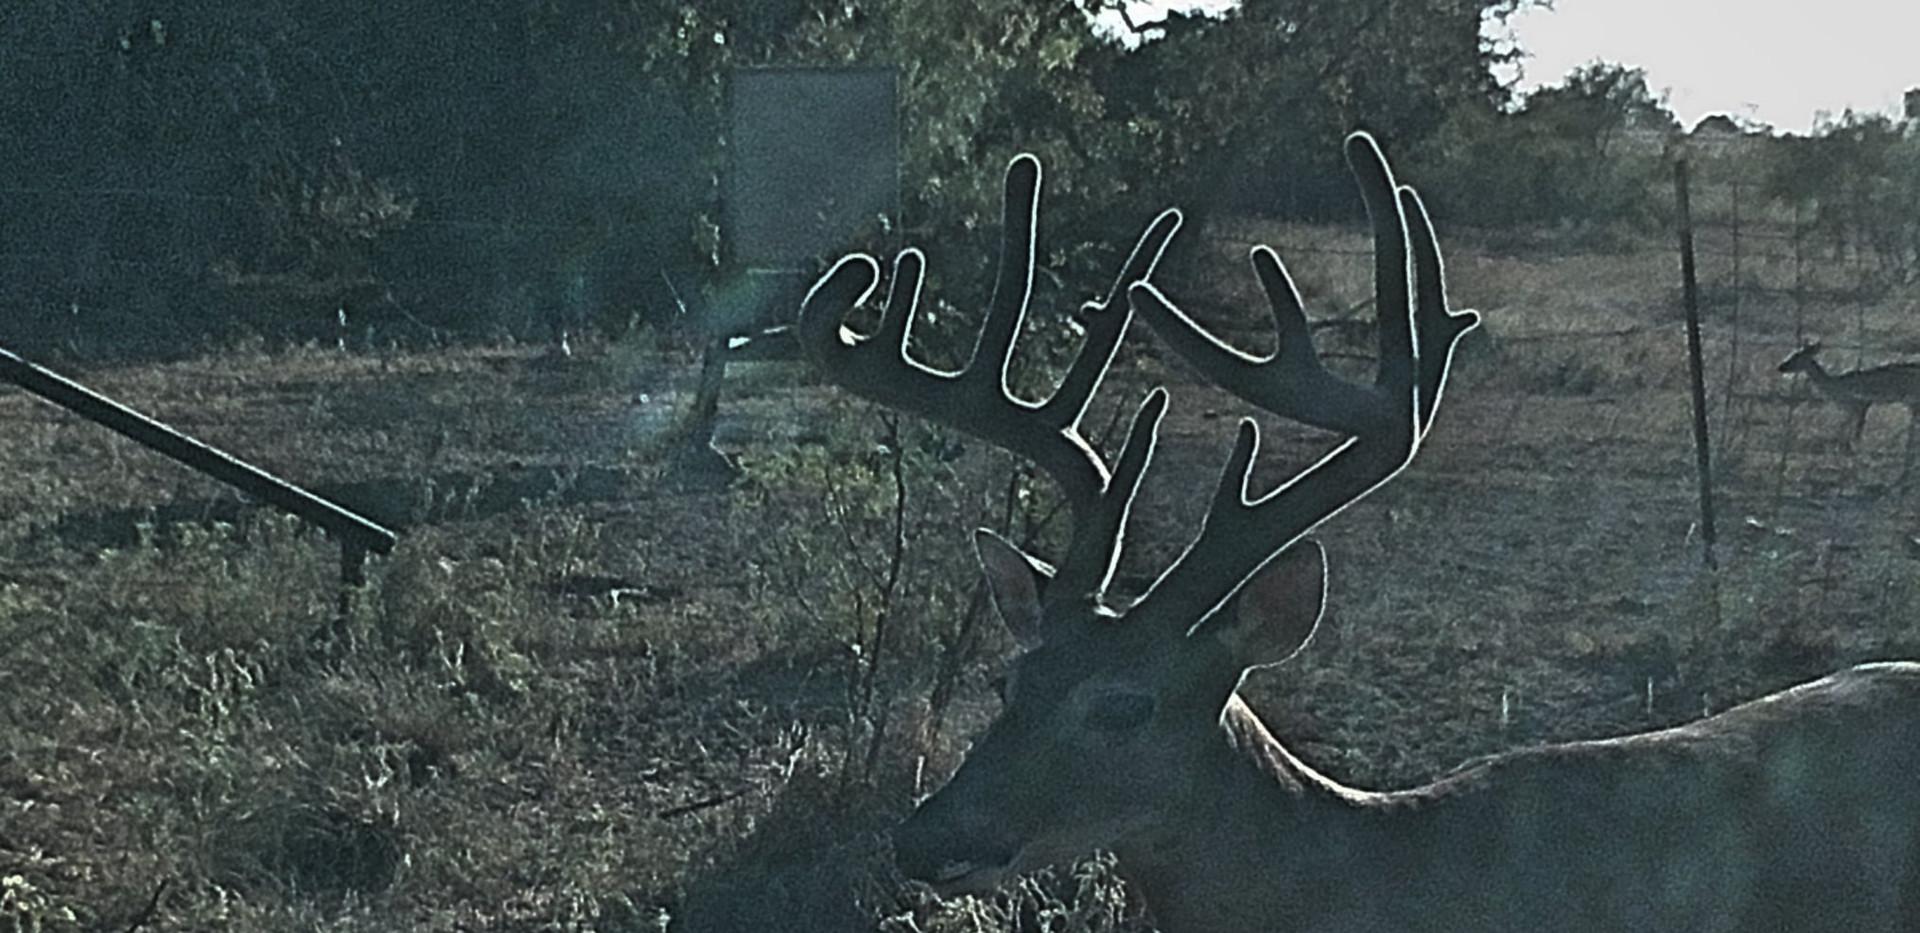 BuckAug14th2020-10.jpg